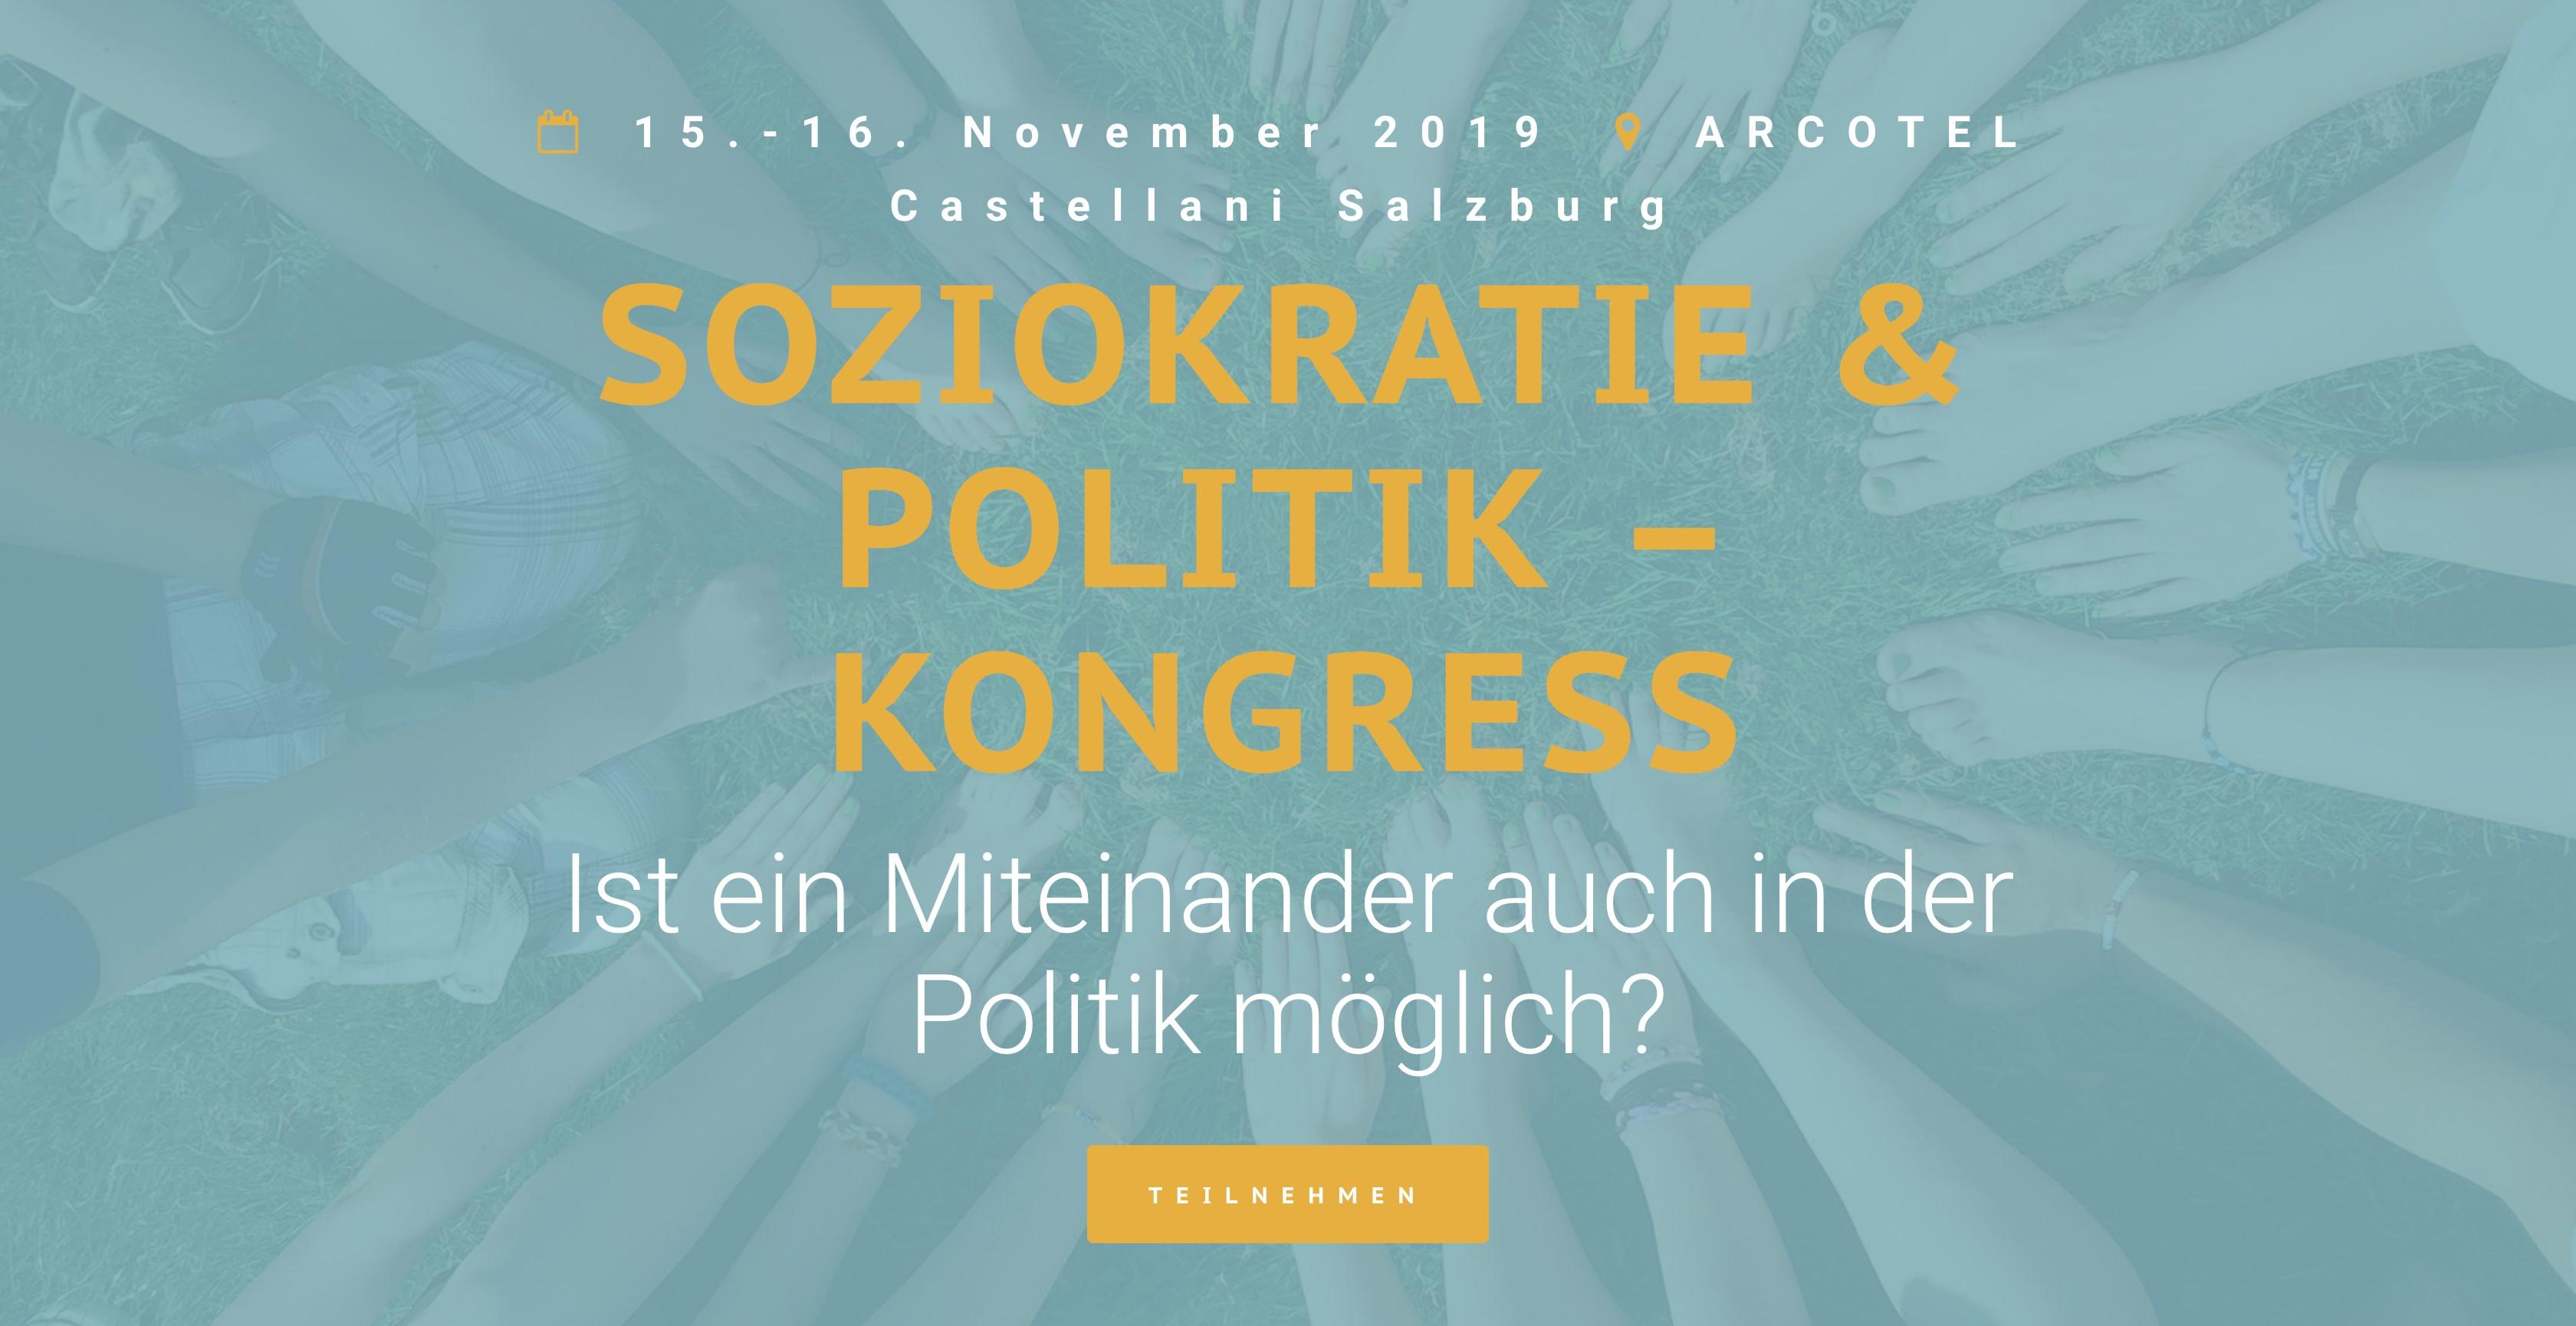 Soziokratie und Demokratie